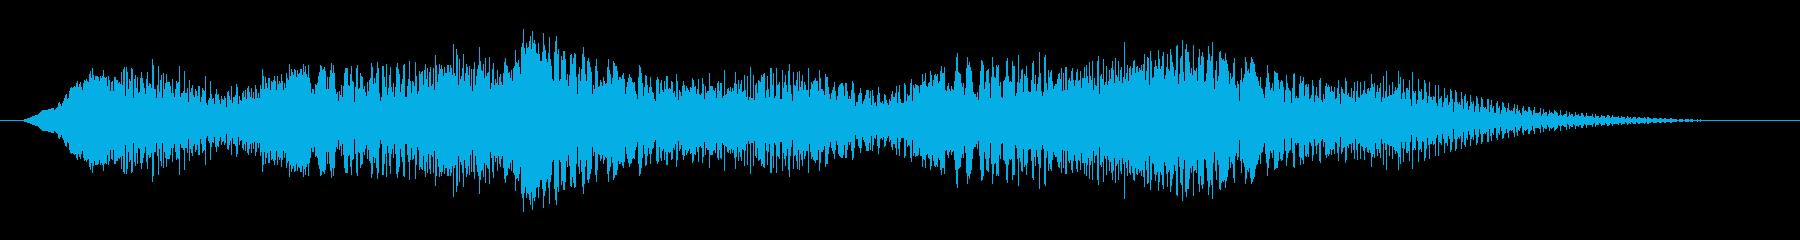 素材 揺れるドローン06の再生済みの波形